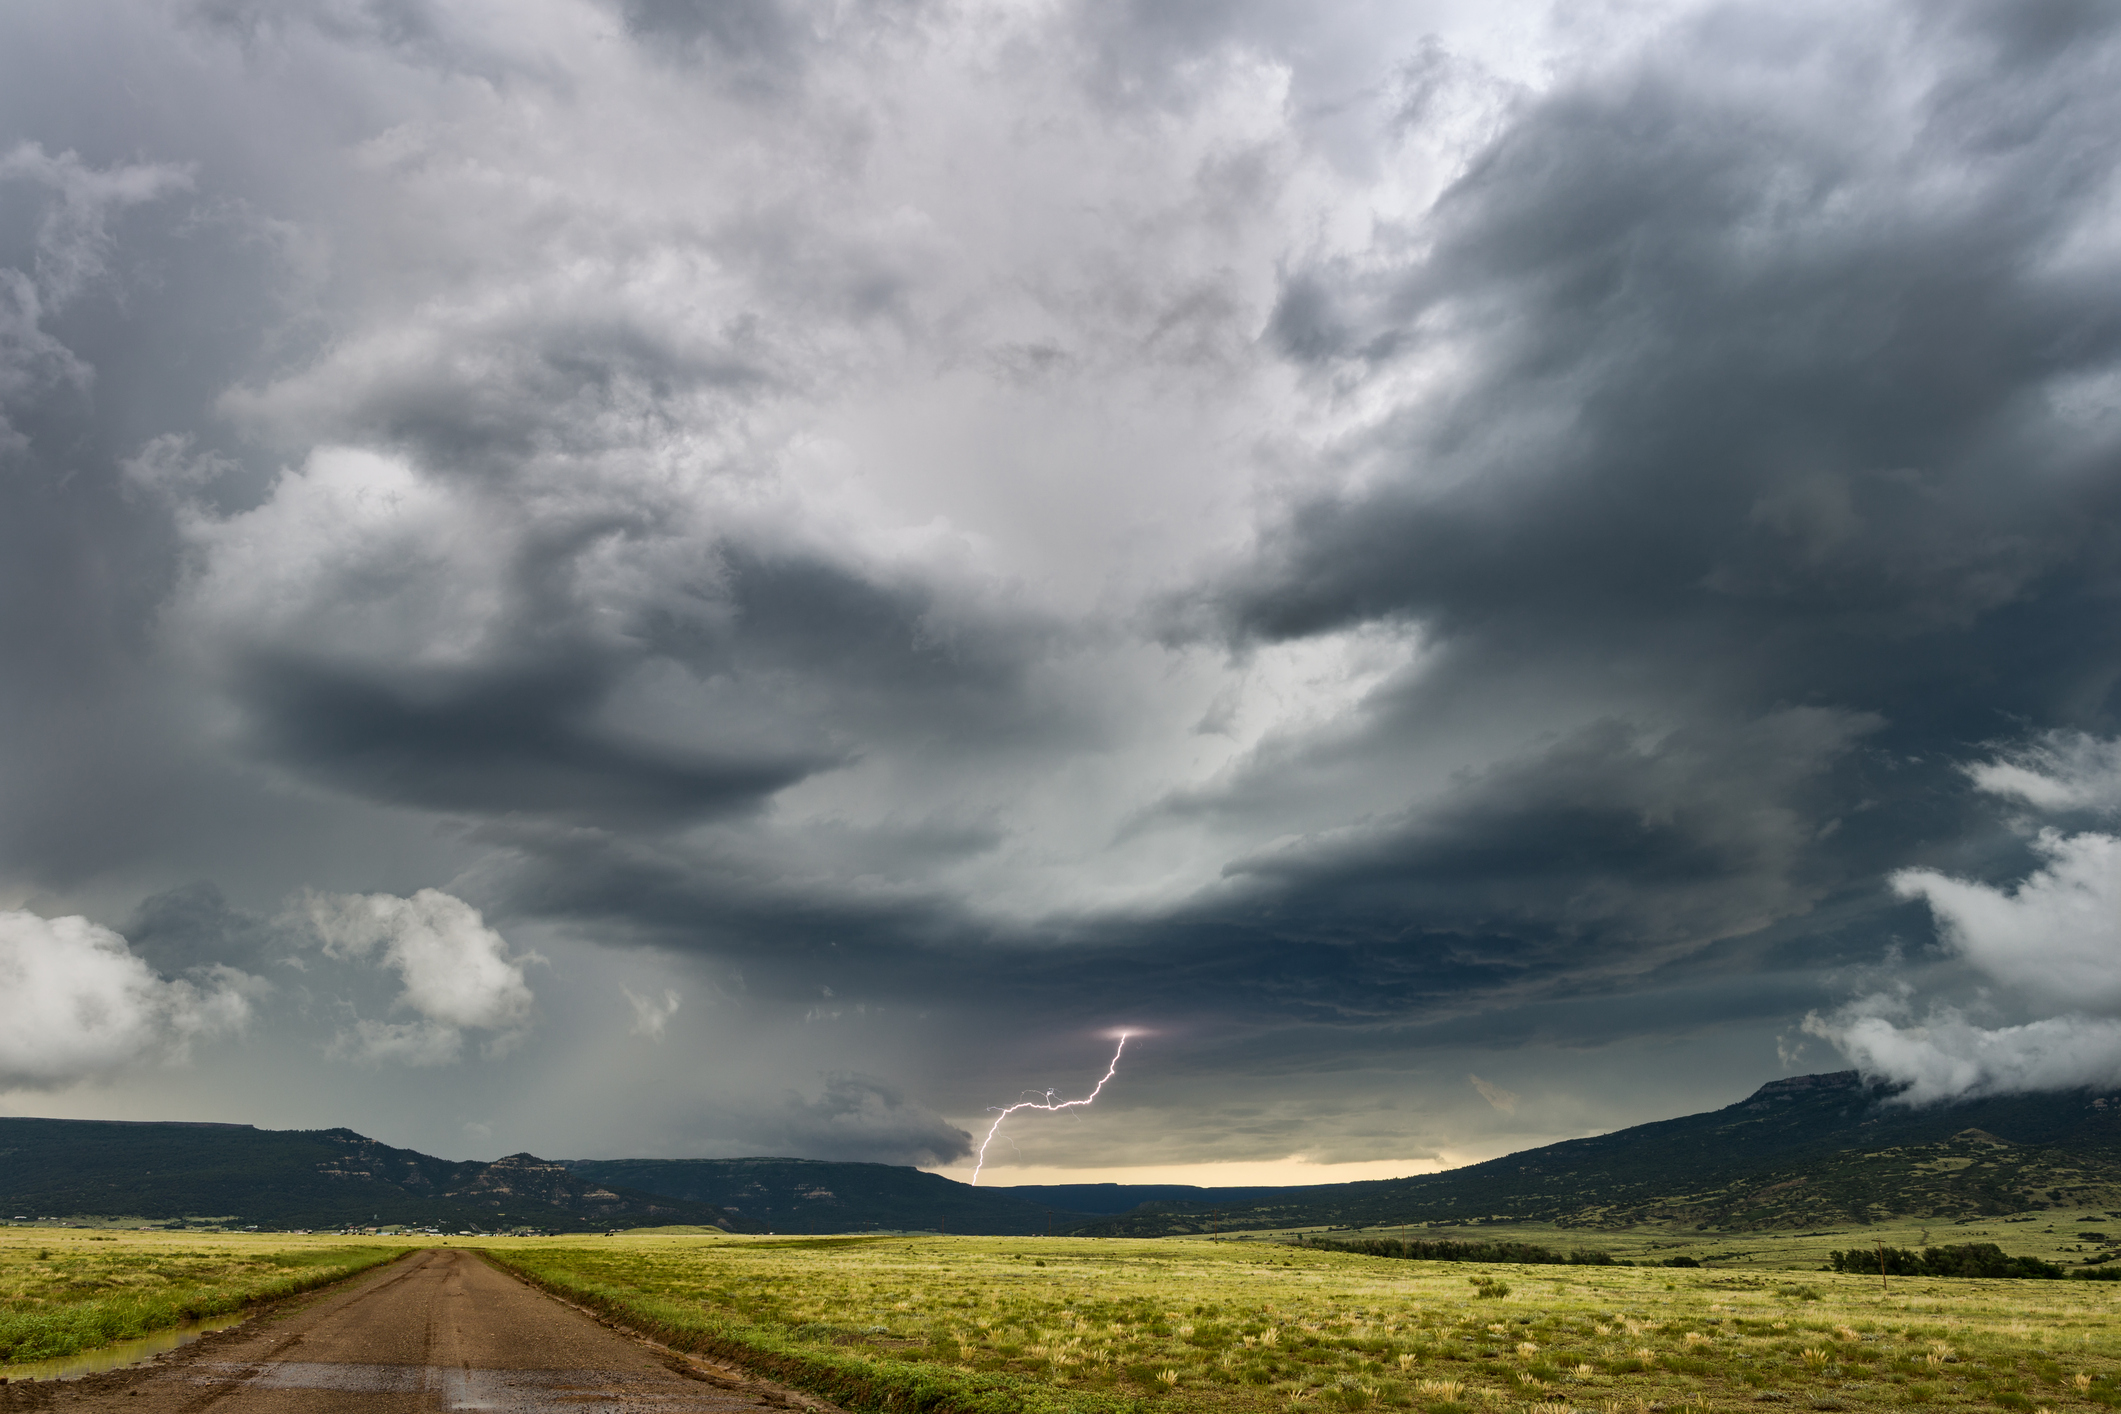 Heftige Gewitter Sturzregen Und Hagelschauer Es Drohen Starke Unwetter